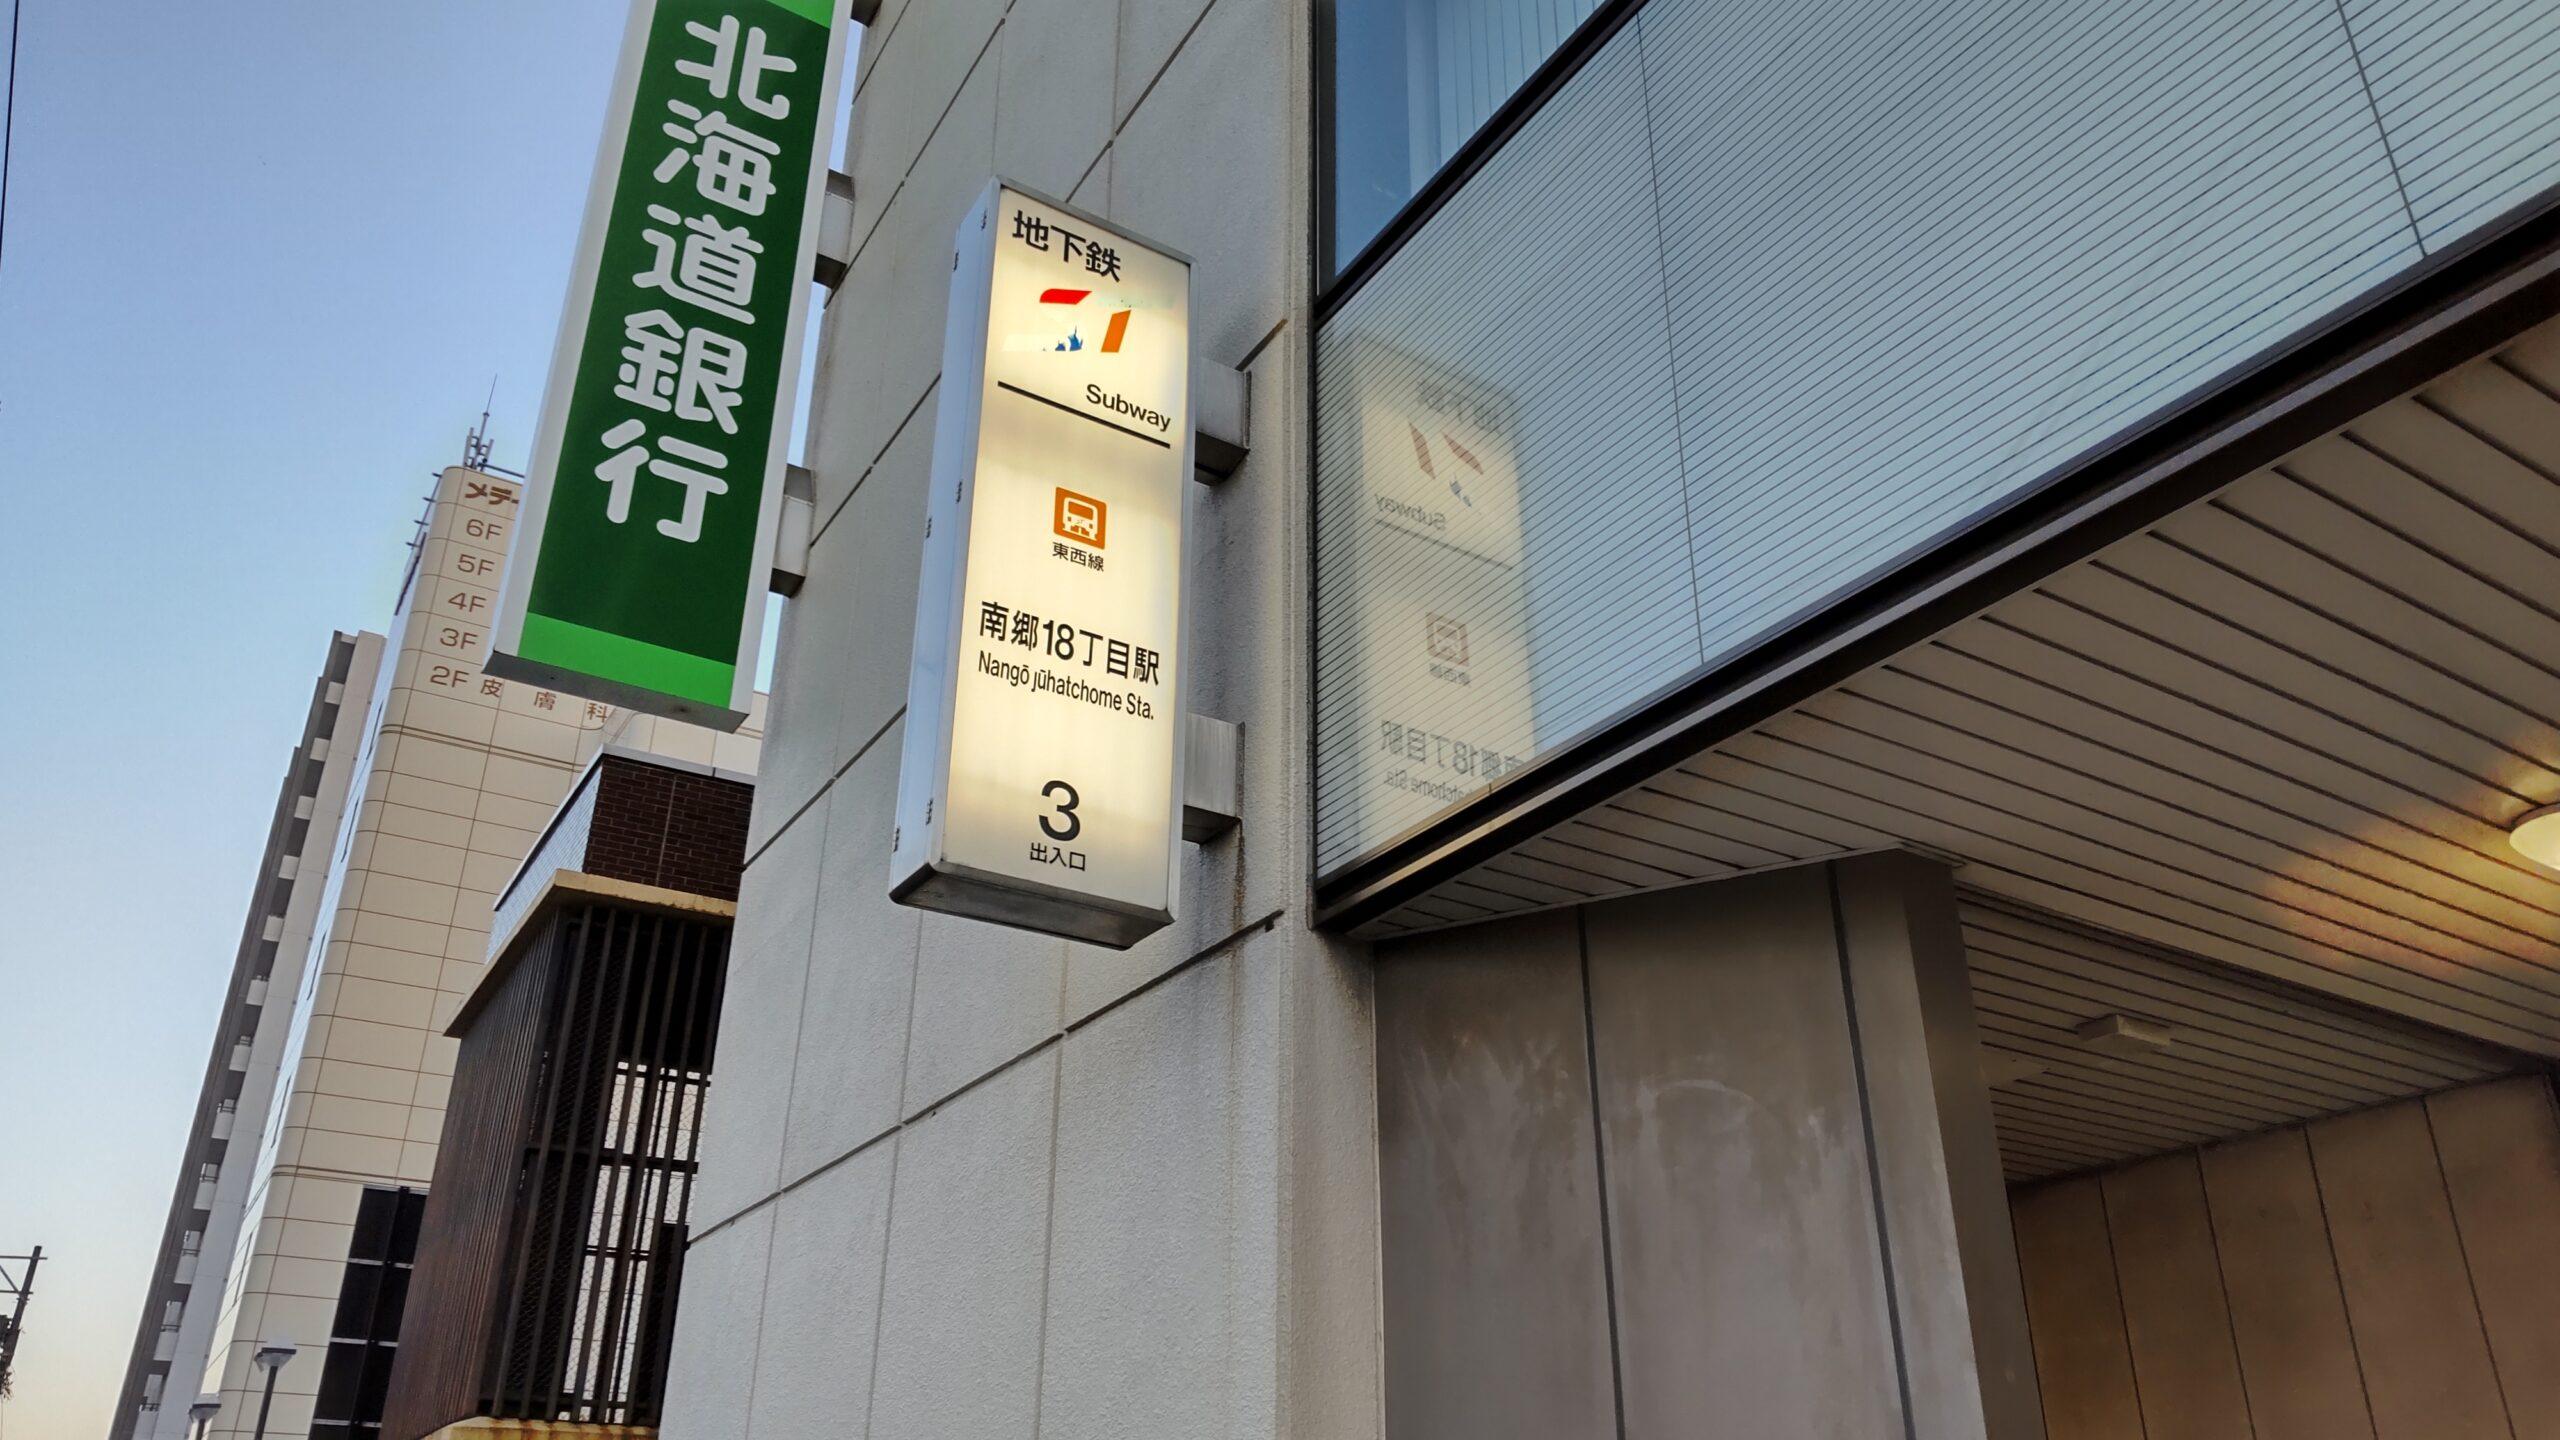 札幌市営地下鉄東西線「南郷18丁目駅」